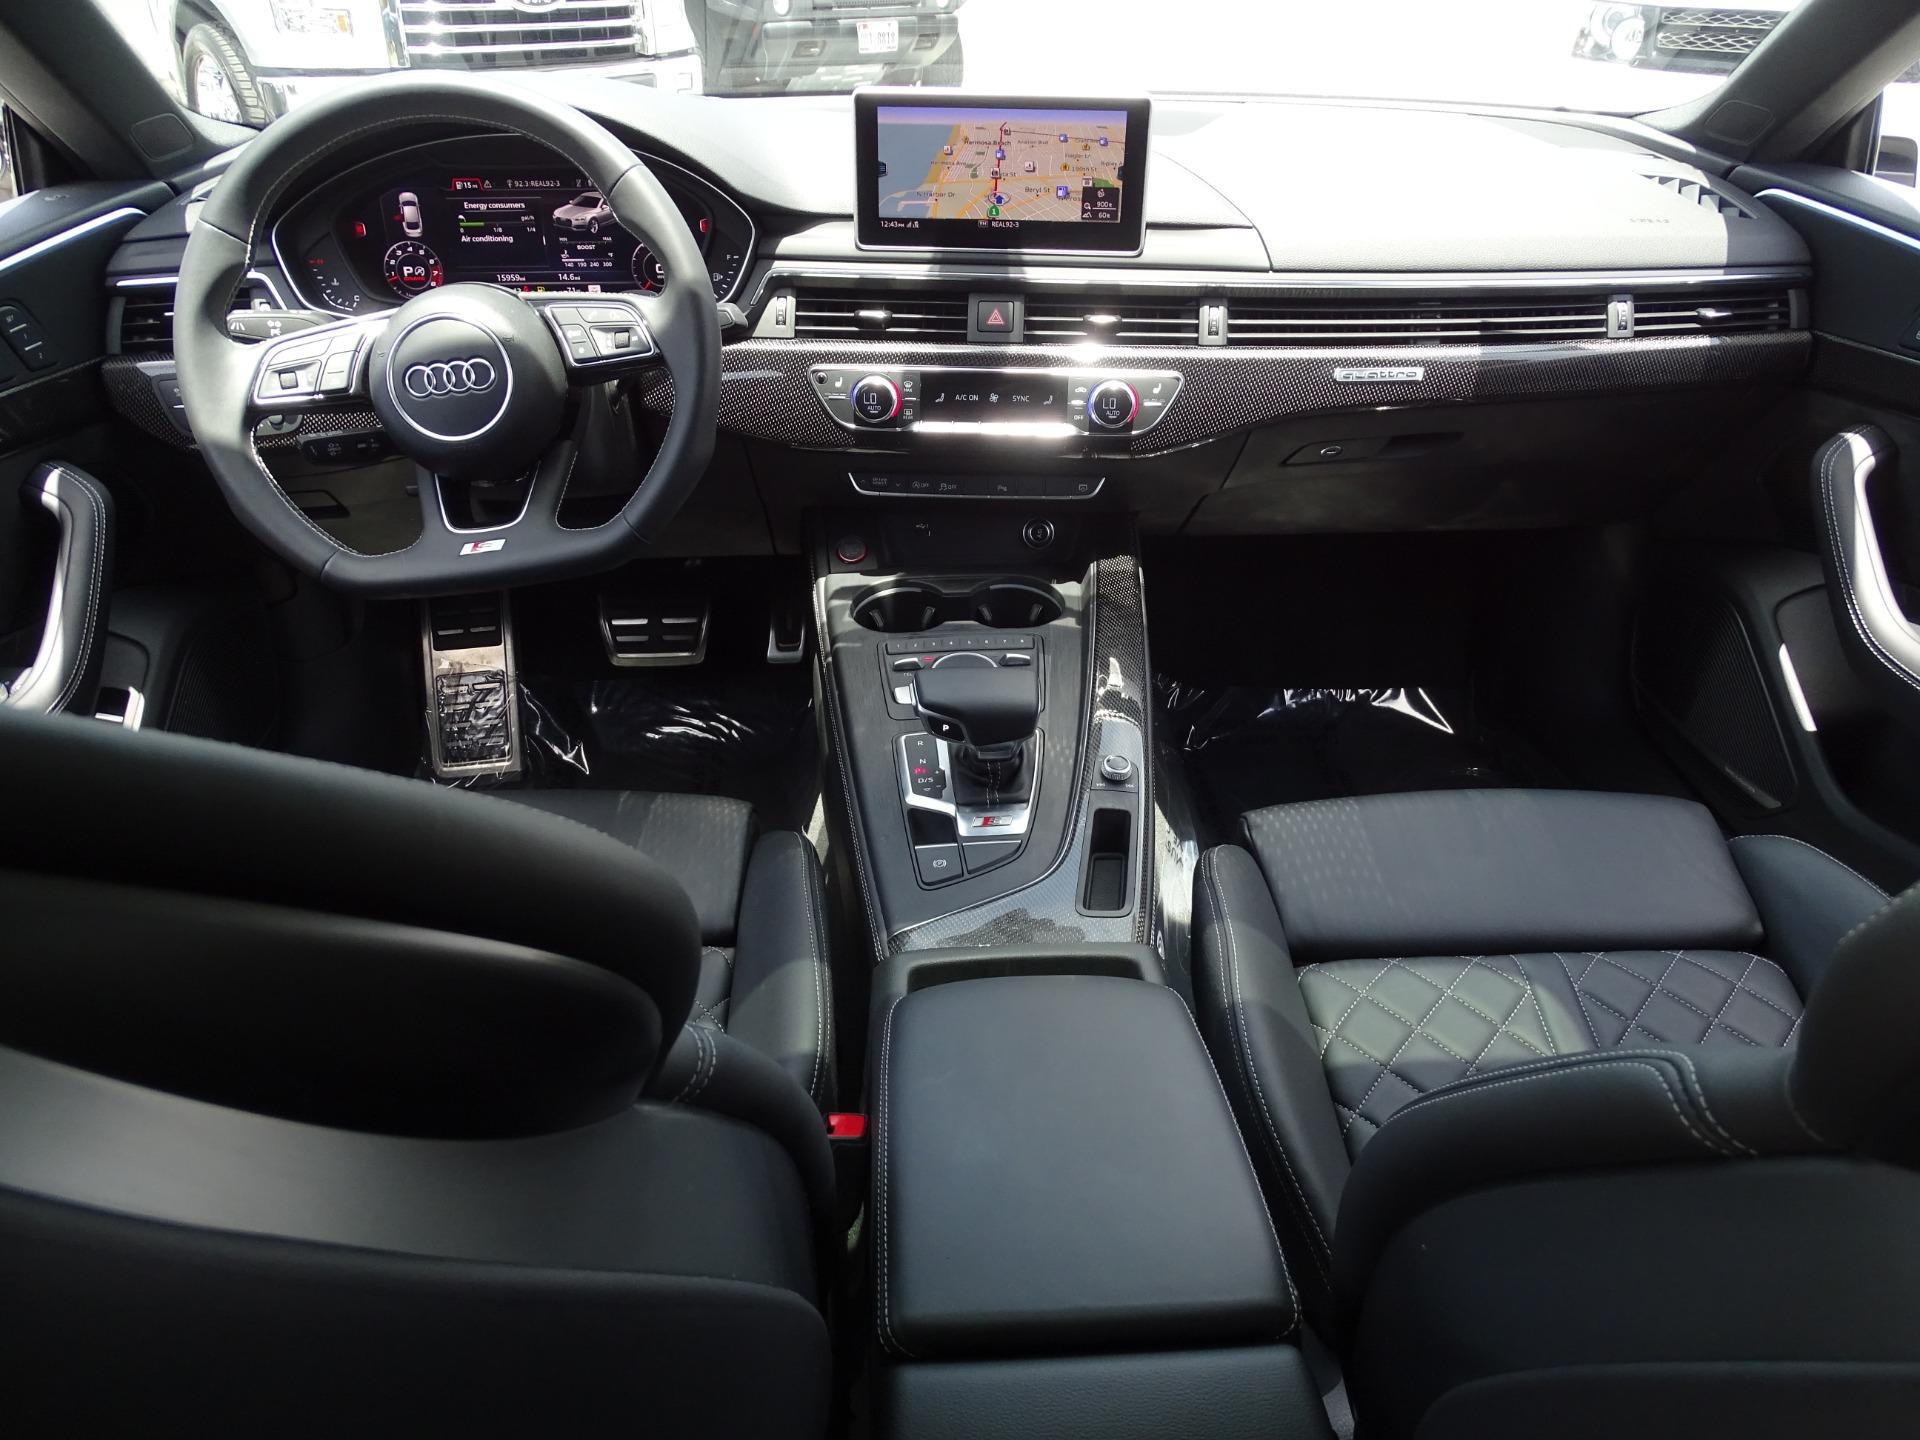 Audi Dealer Near Me >> 2018 Audi S5 Sportback 3.0T quattro Prestige Stock # 6570 ...